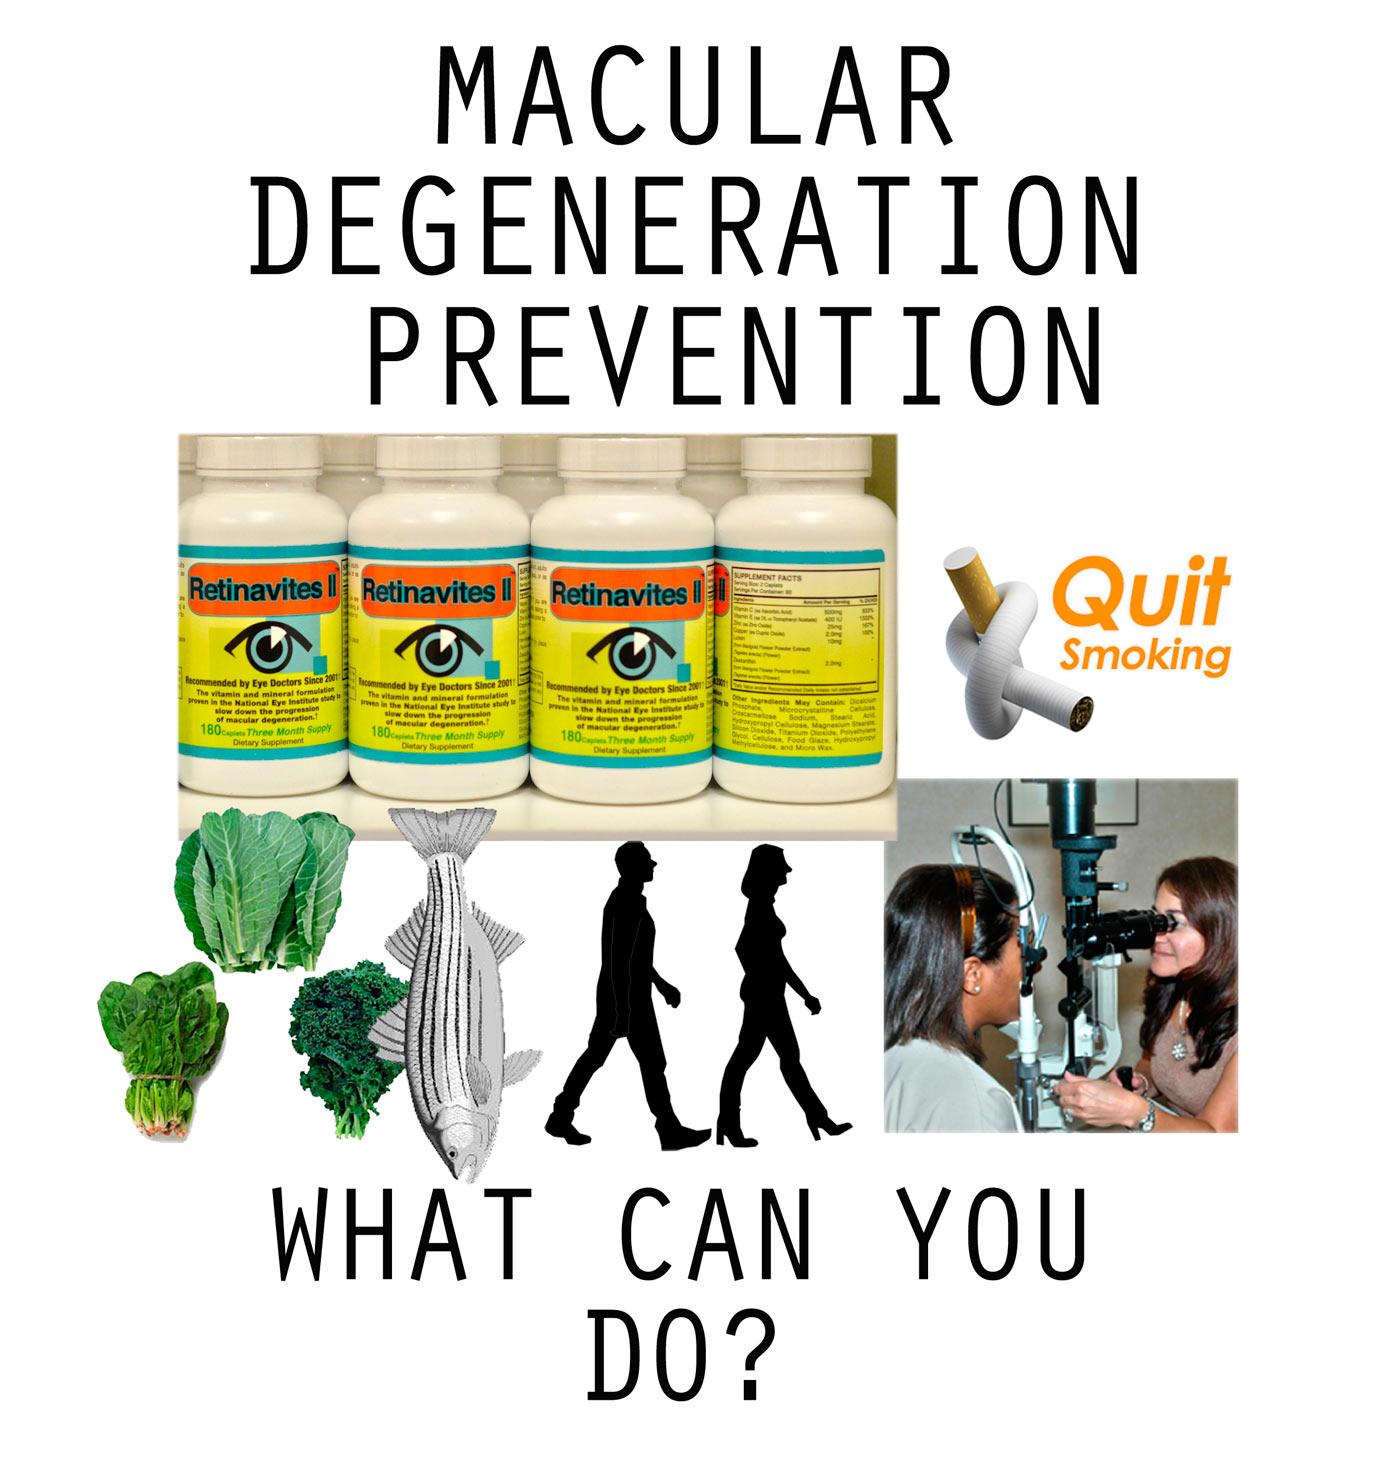 Macular Degeneration Prevention